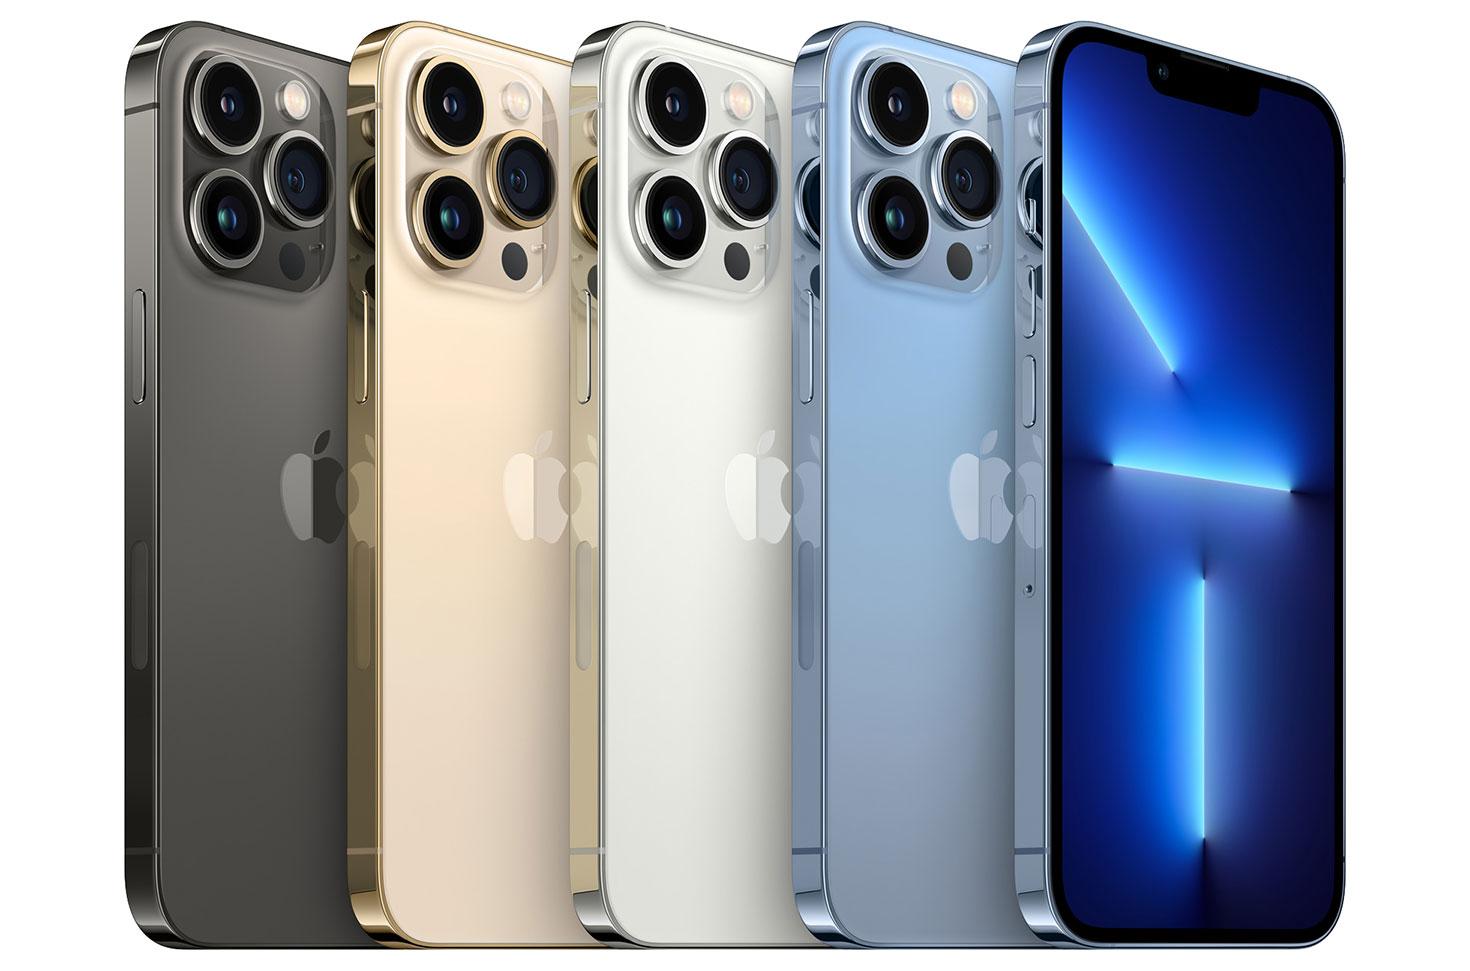 https://www.macfreak.nl/modules/news/images/zArt.iPhone13ProLineup.jpg